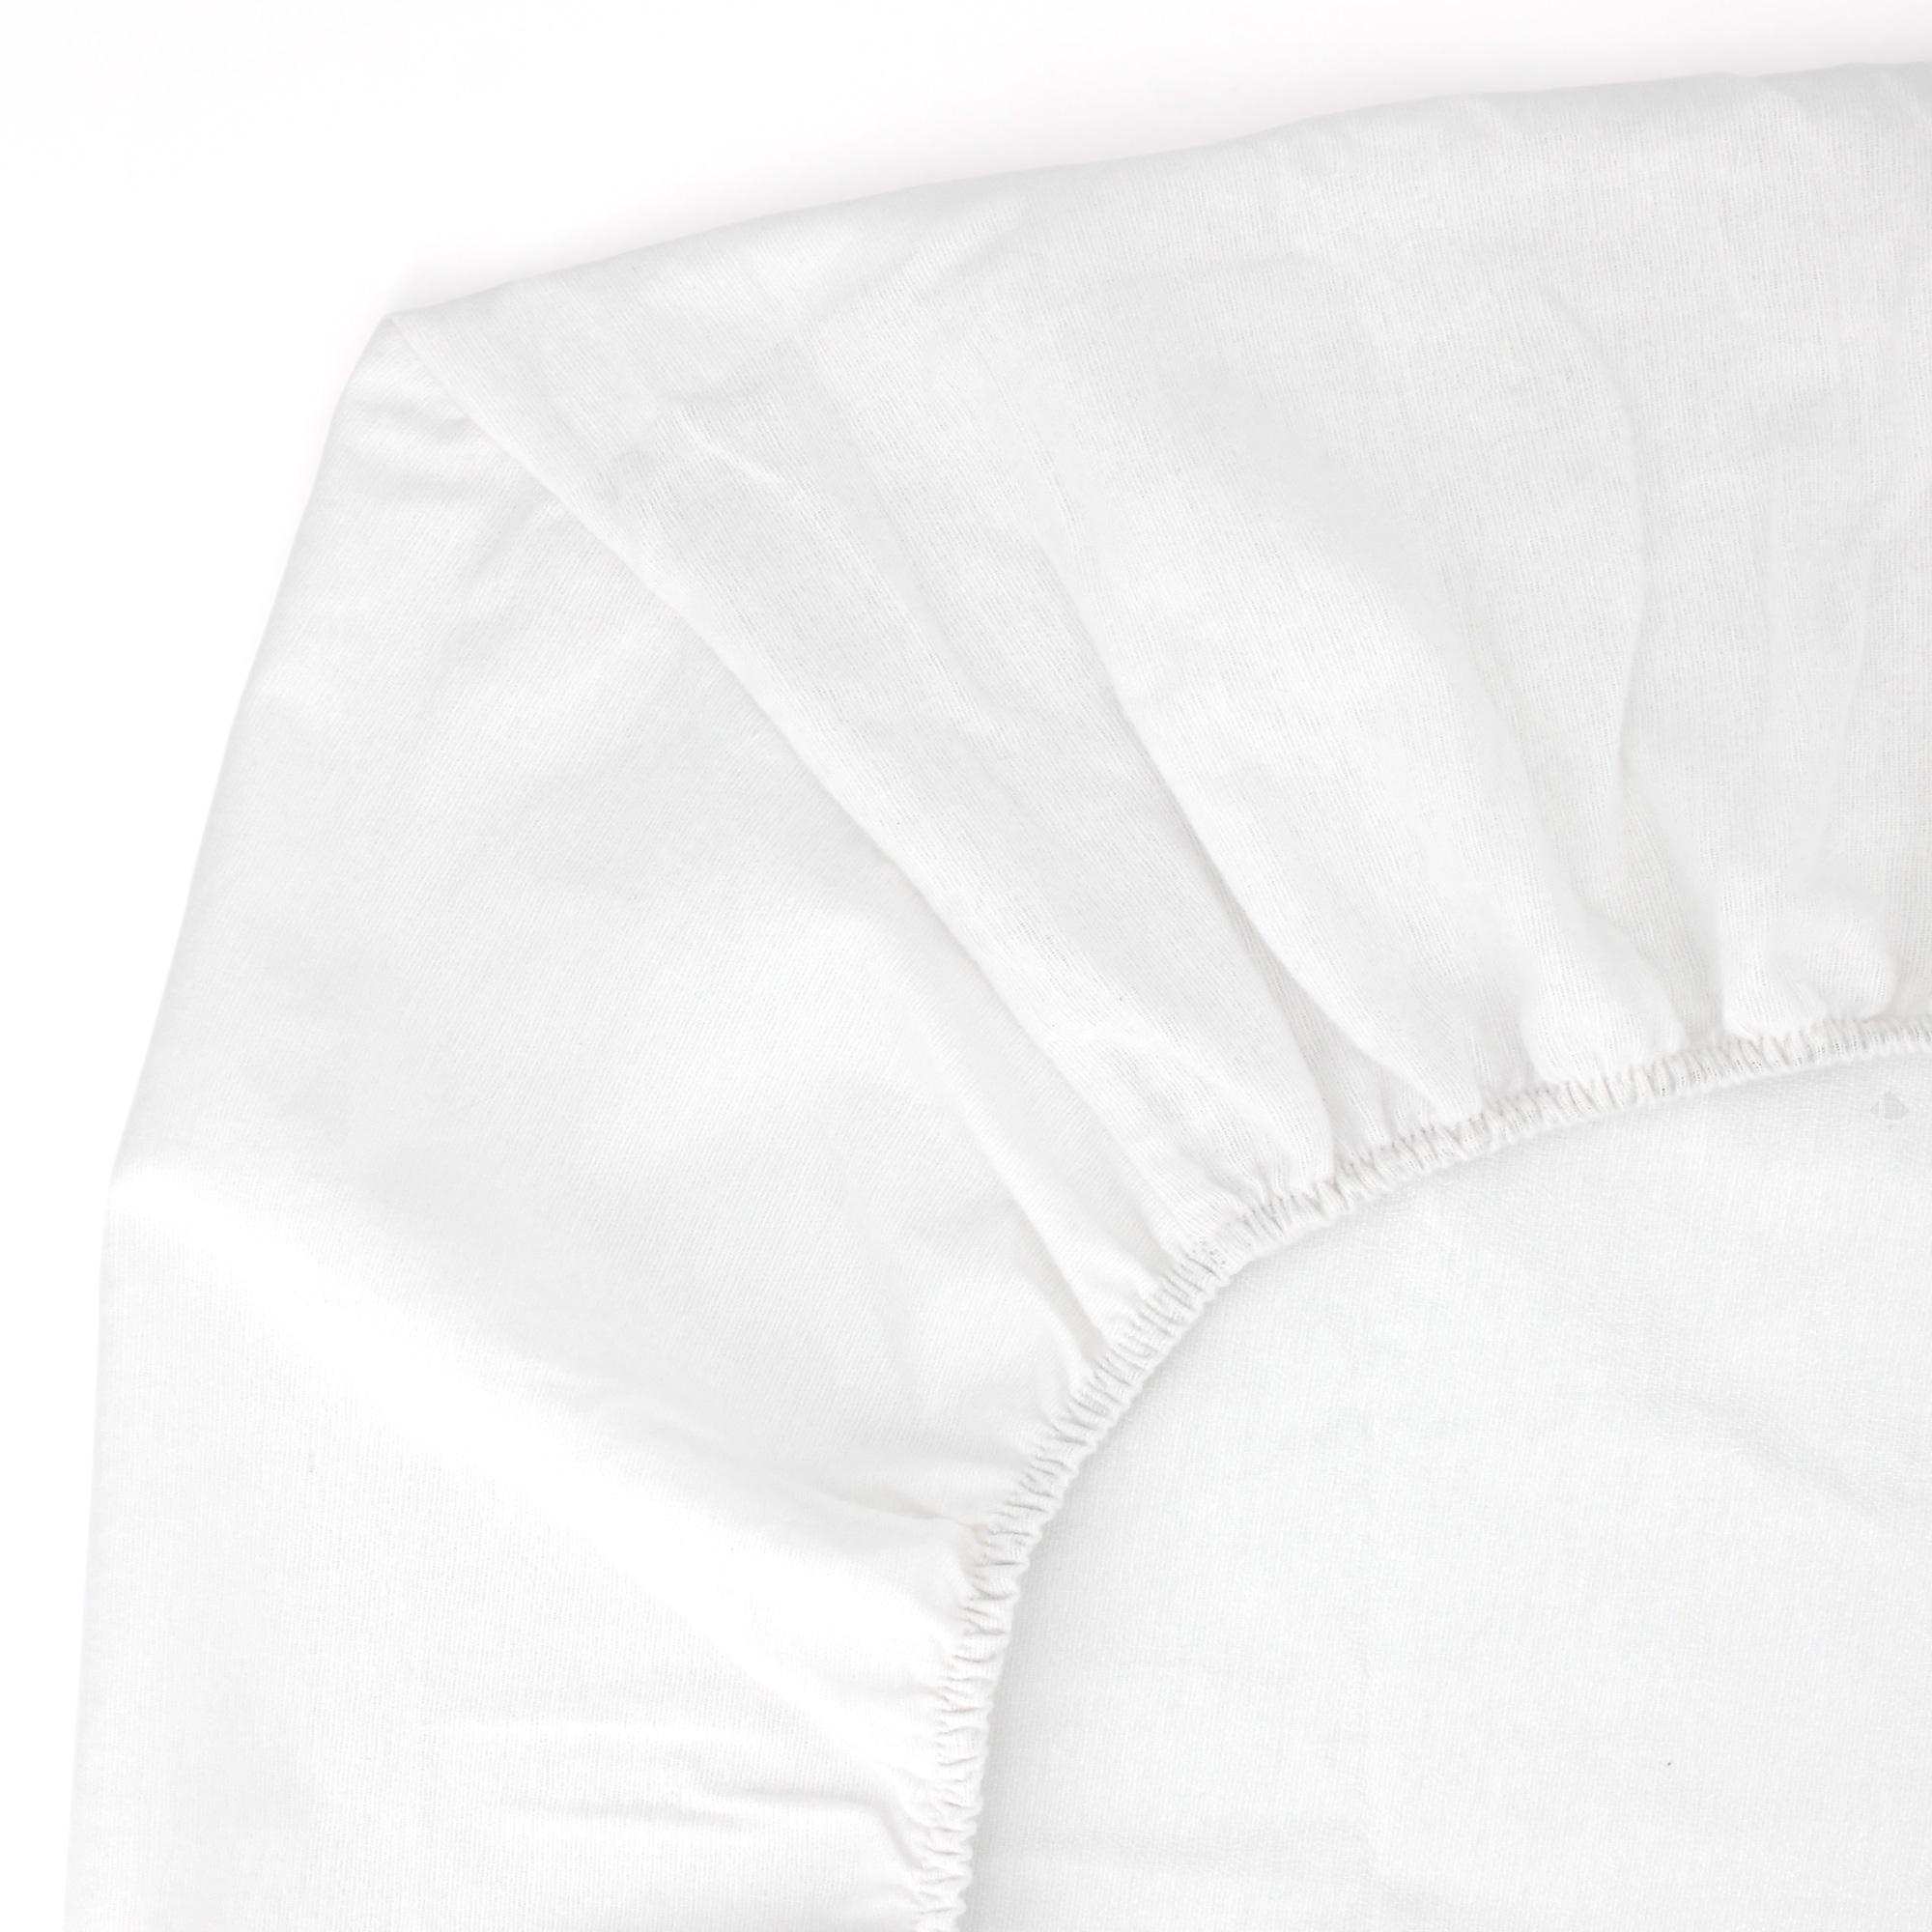 prot ge matelas imperm able 200x200 cm bonnet 30cm arnon molleton 100 coton contrecoll. Black Bedroom Furniture Sets. Home Design Ideas